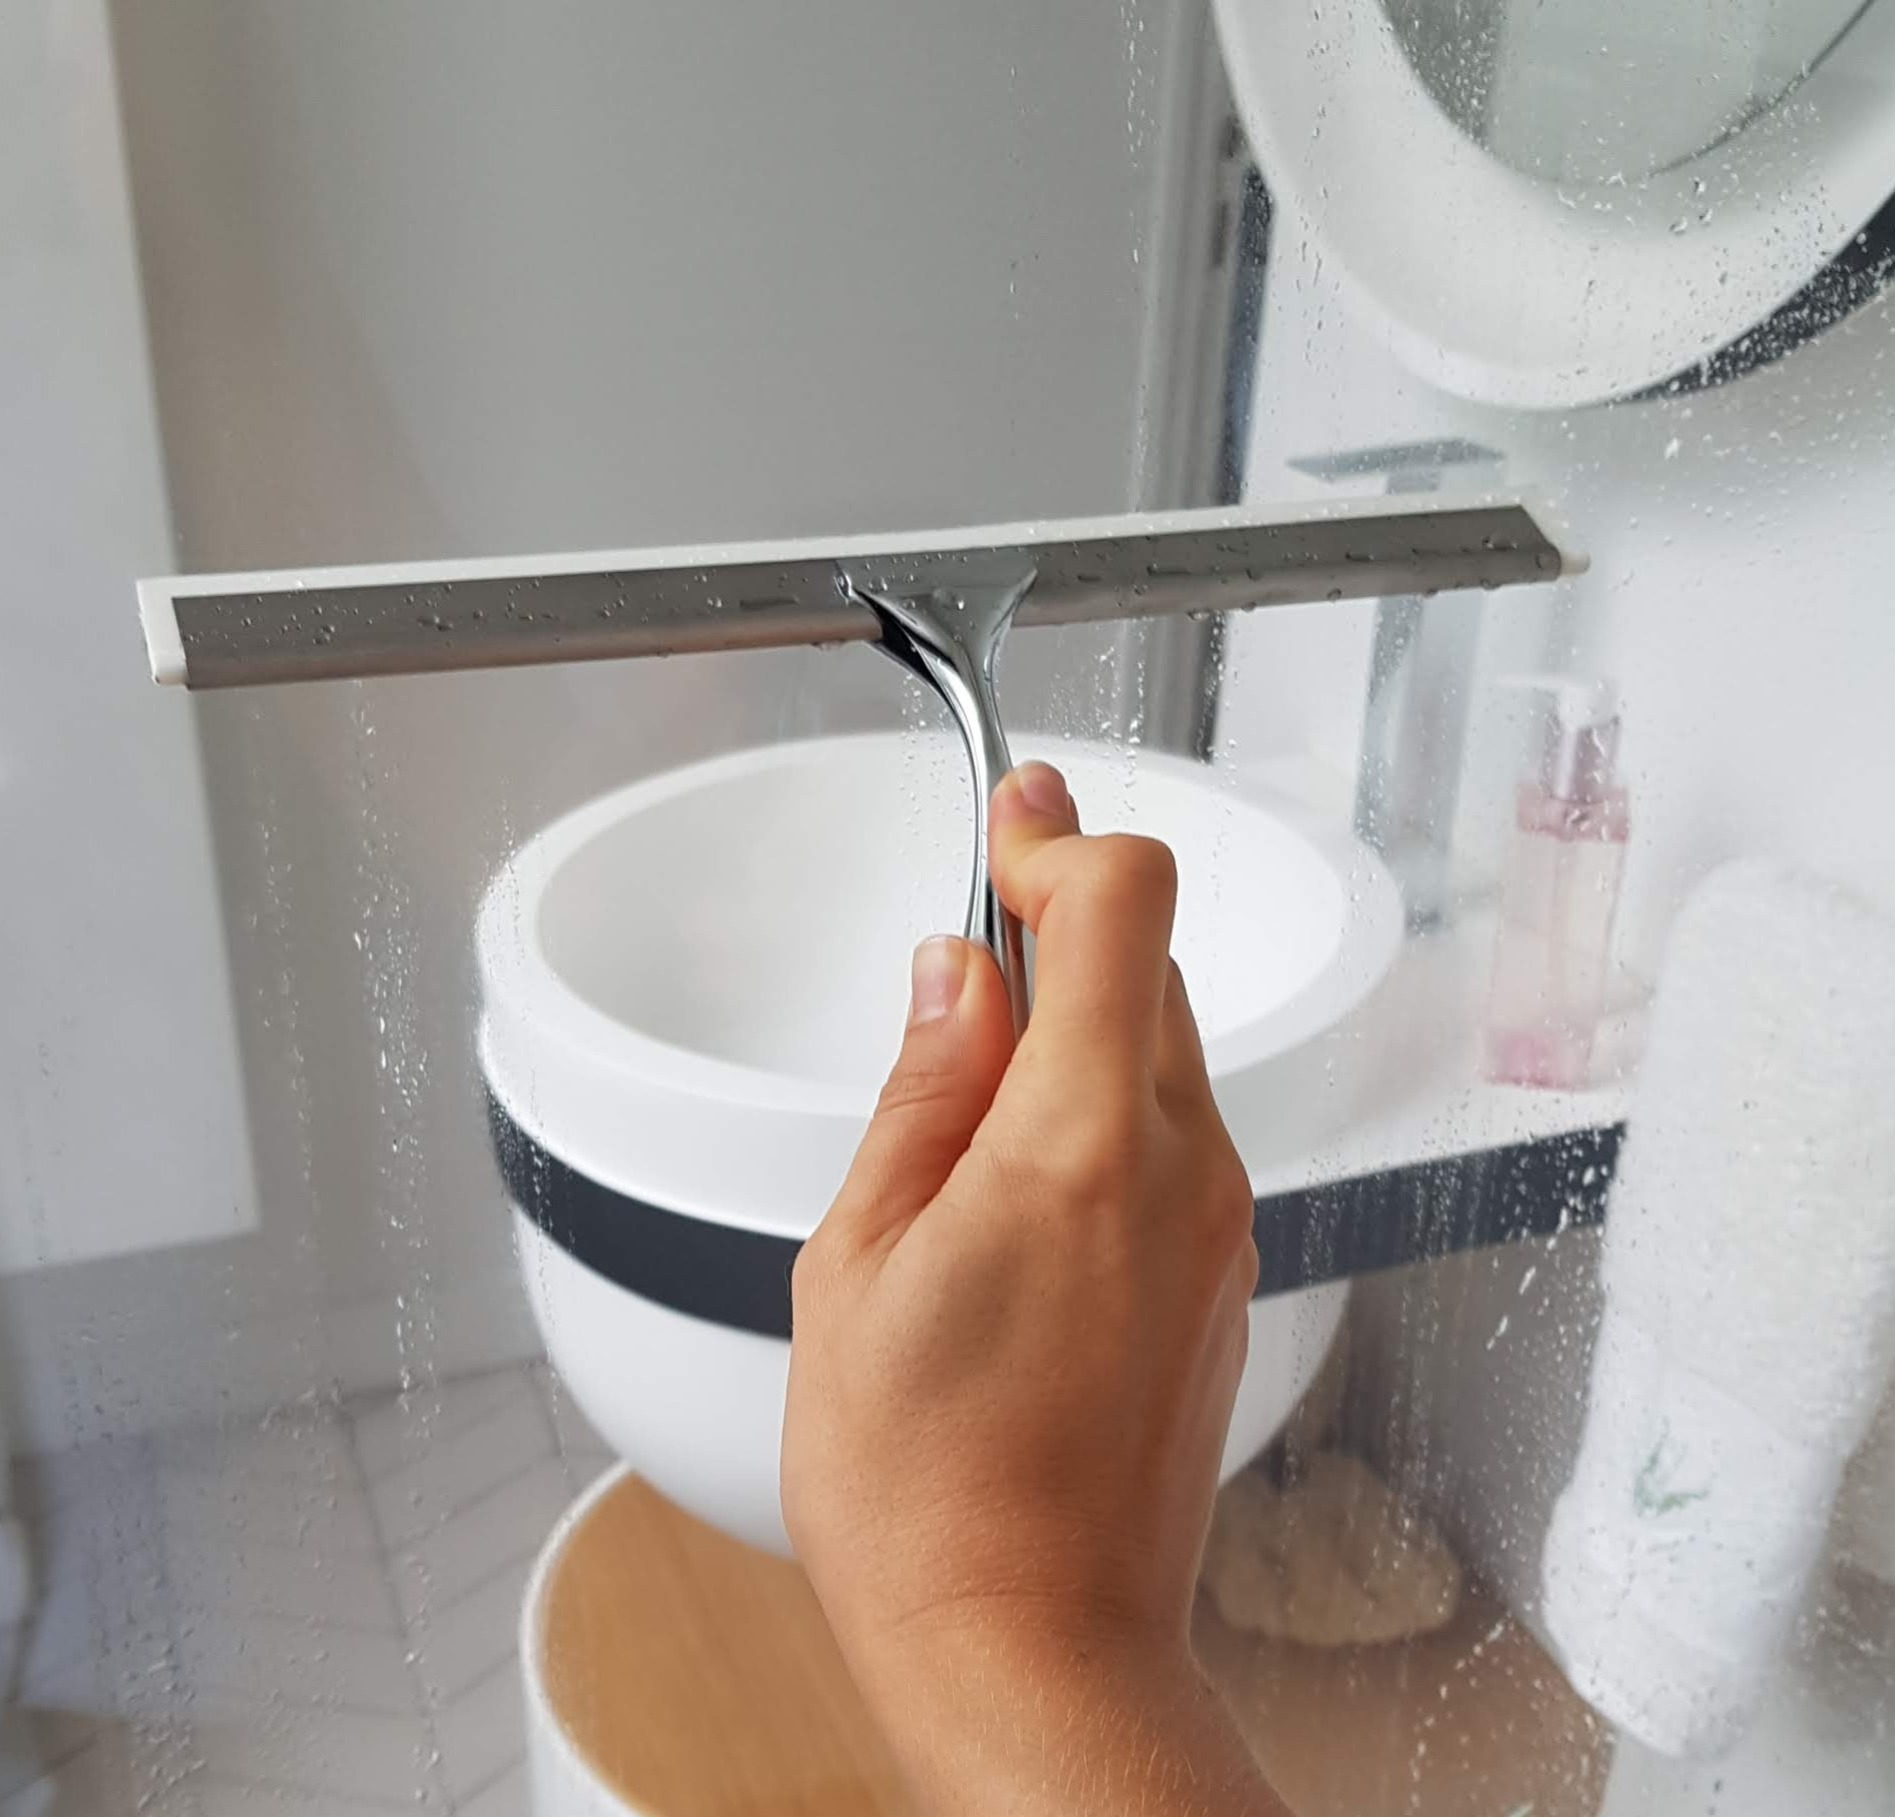 J'ai testé pour vous la raclette de douche en acier inoxydable et son support bestlock